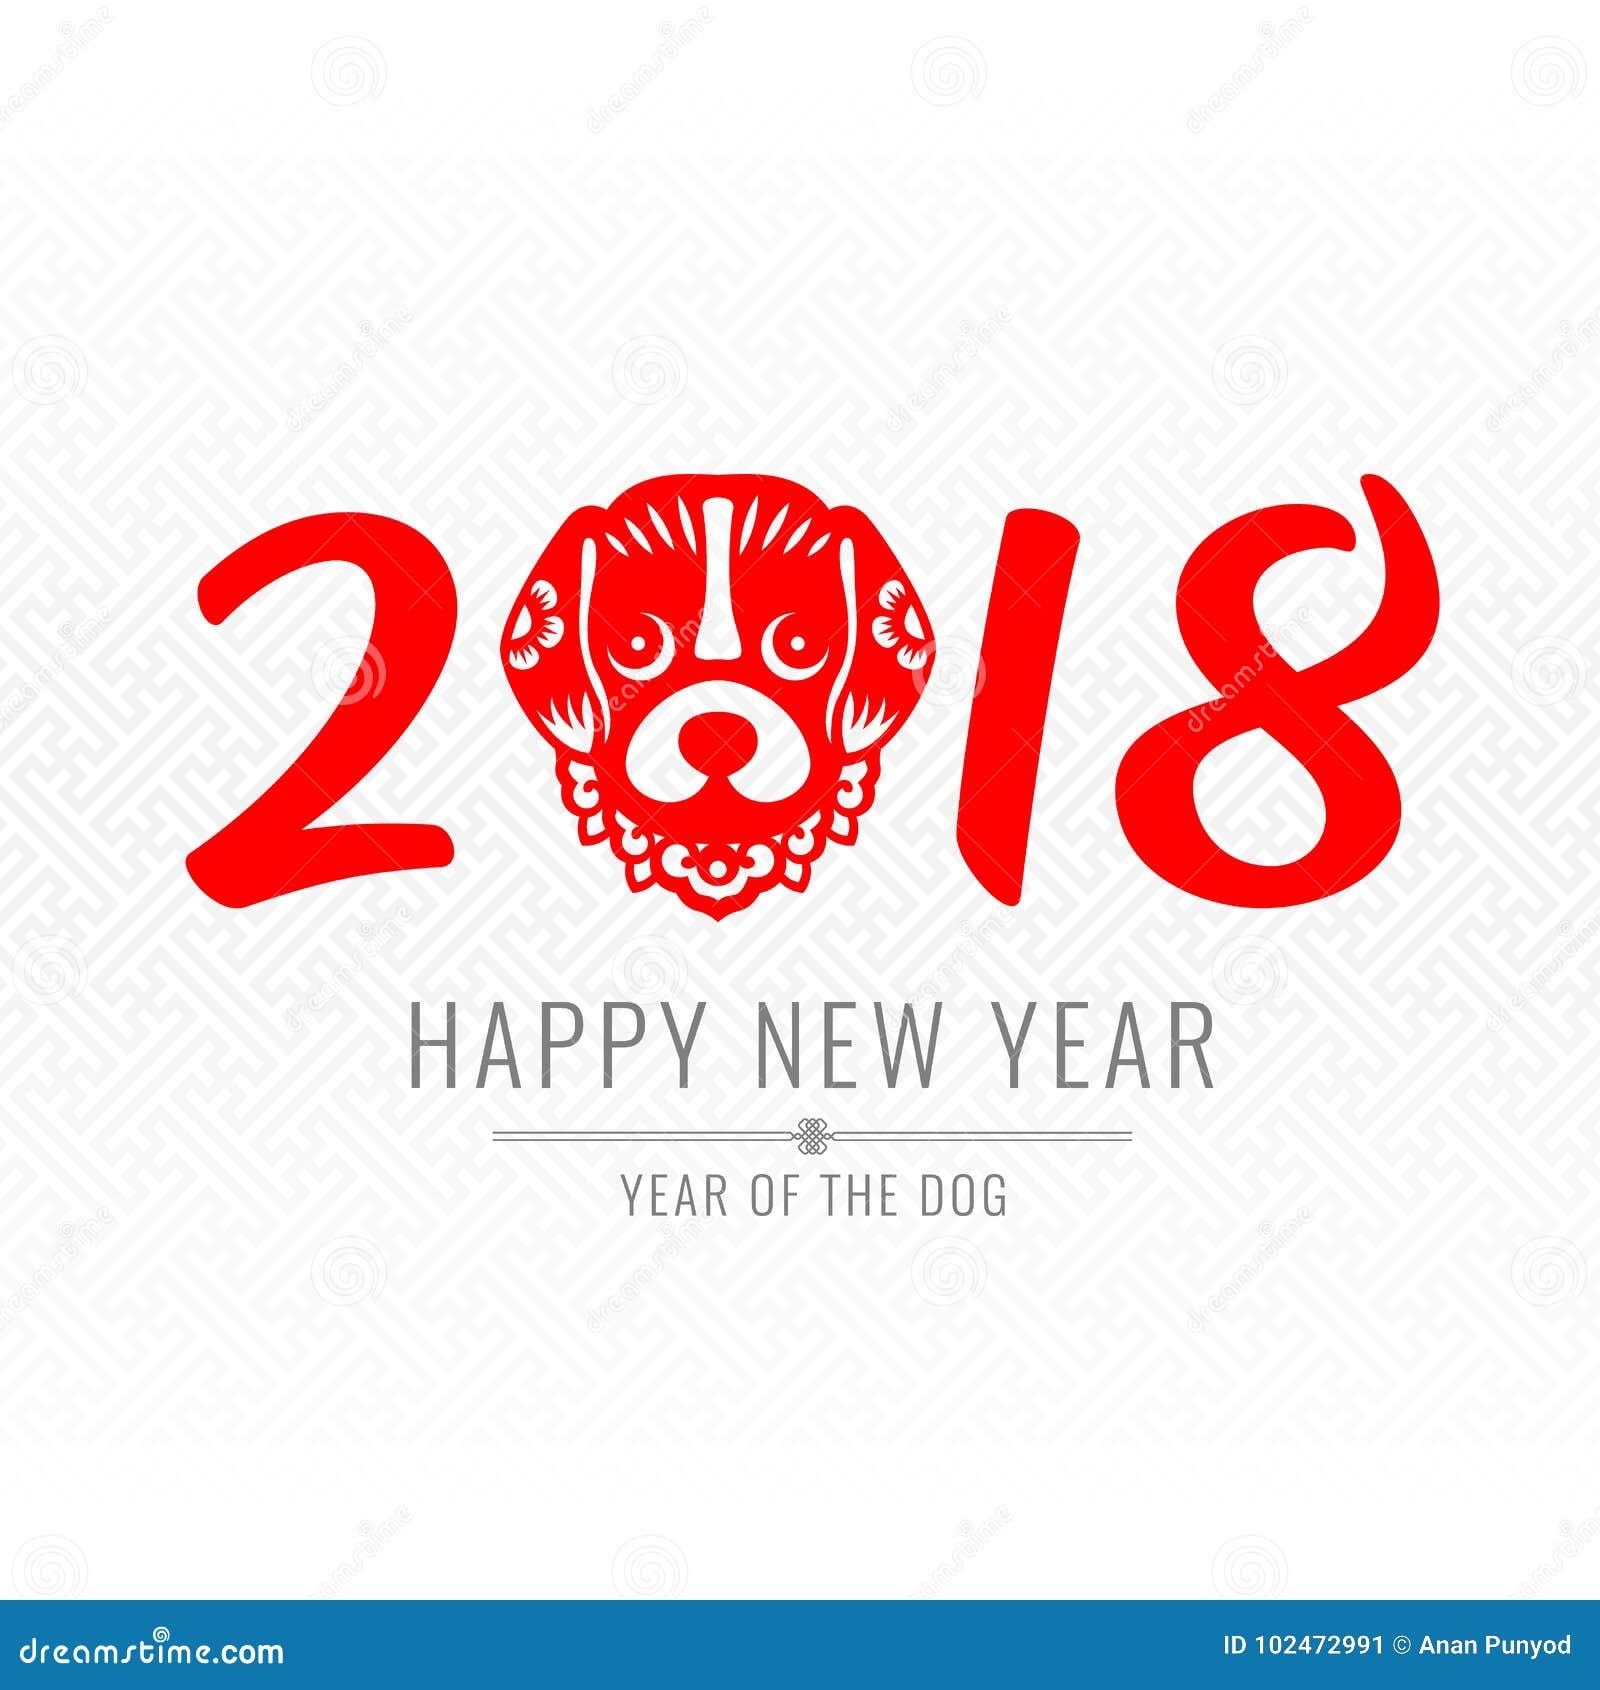 Het gelukkige nieuwe jaar en het jaar van de hond met de rode teksten van 2018 en rood document snijden hoofd het teken vectoront